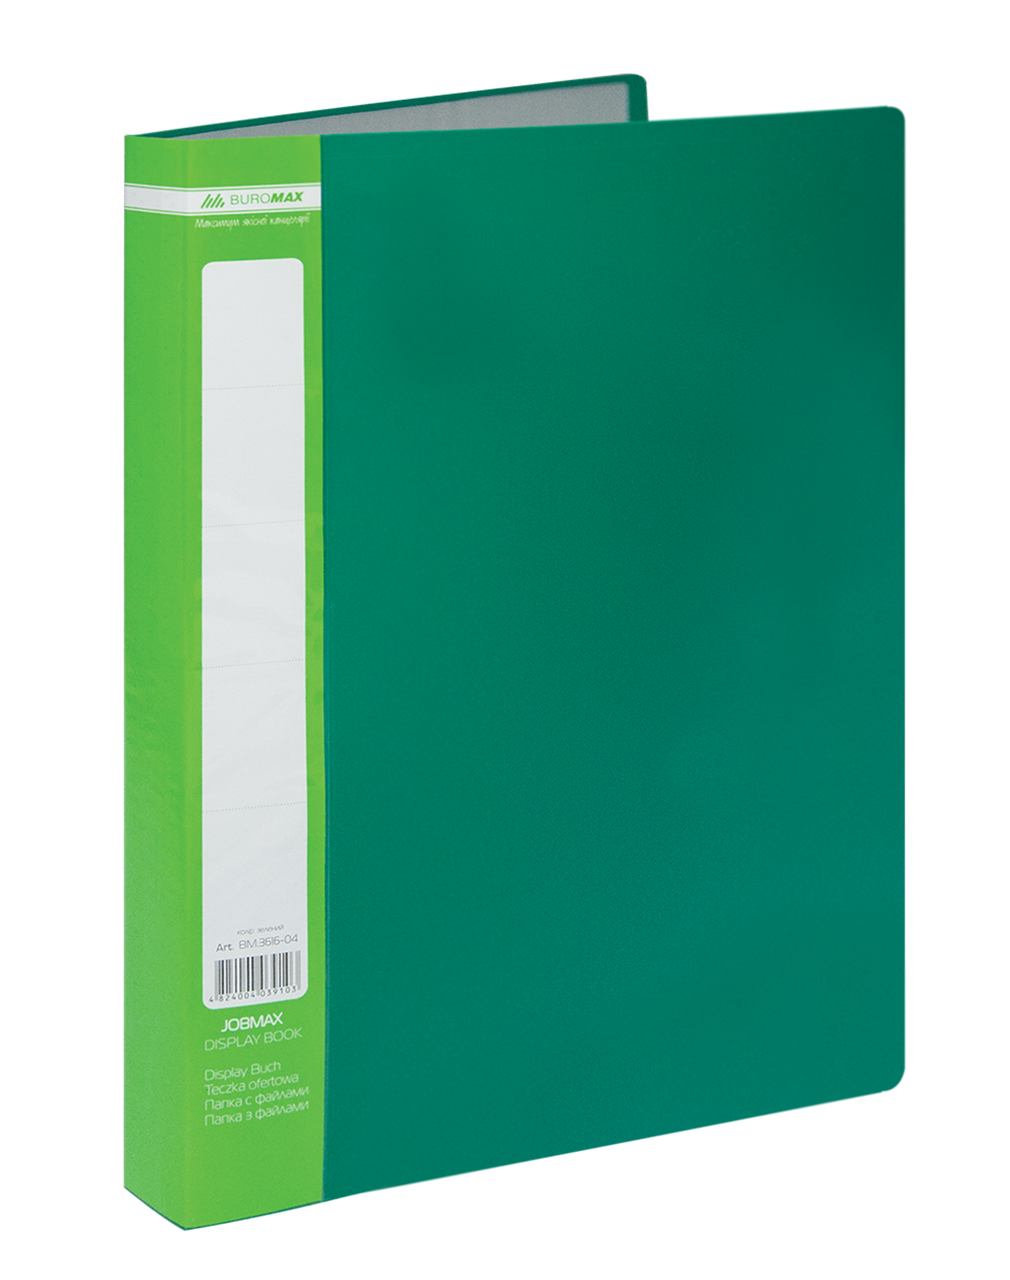 Папка с 60 файлами Buromax Jobmax А4 зелёная